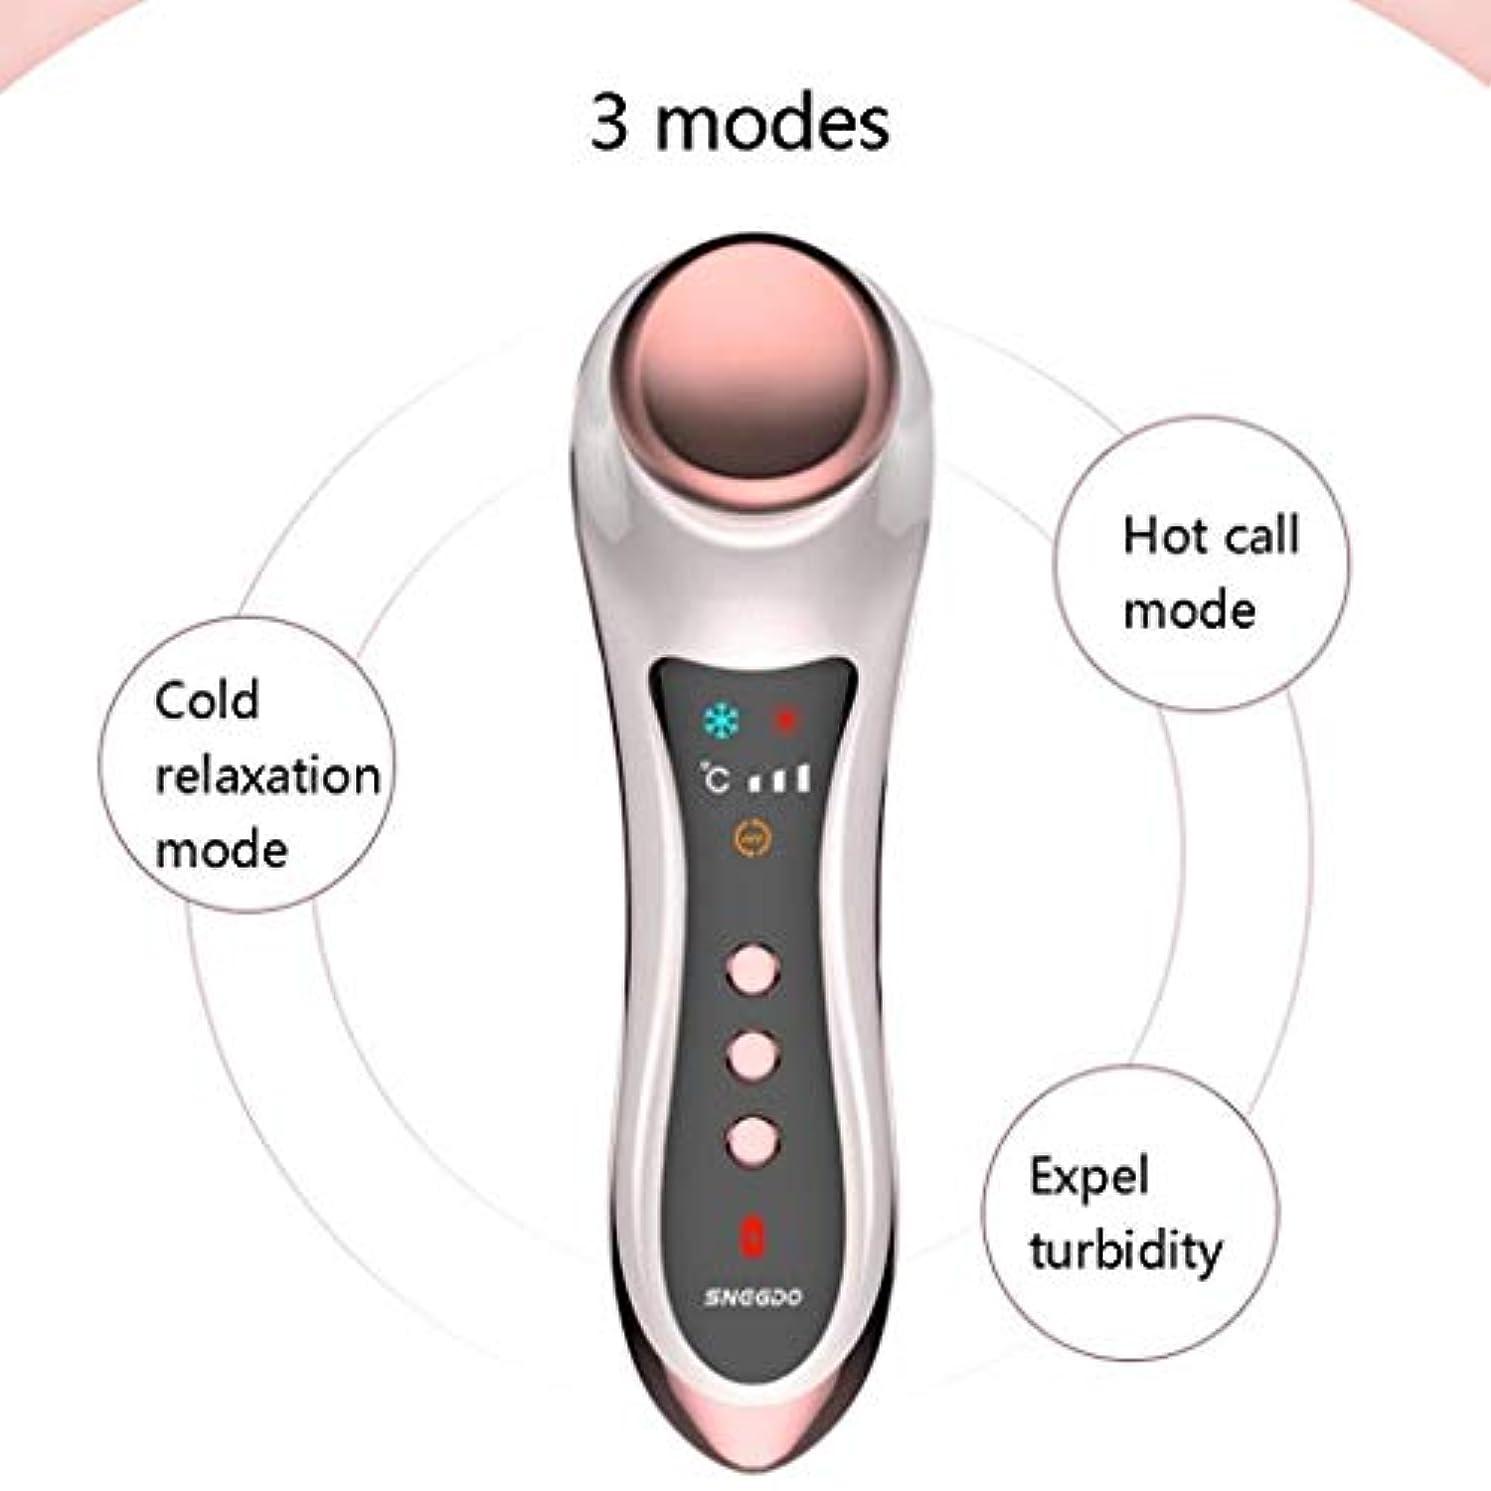 ファンブル一貫性のない別々にアイマッサージャー、電熱式バイブレーションフェイシャルマッサージ、ダークサークルメガネの疲労や浮腫を軽減、高周波振動、USBインターフェース充電